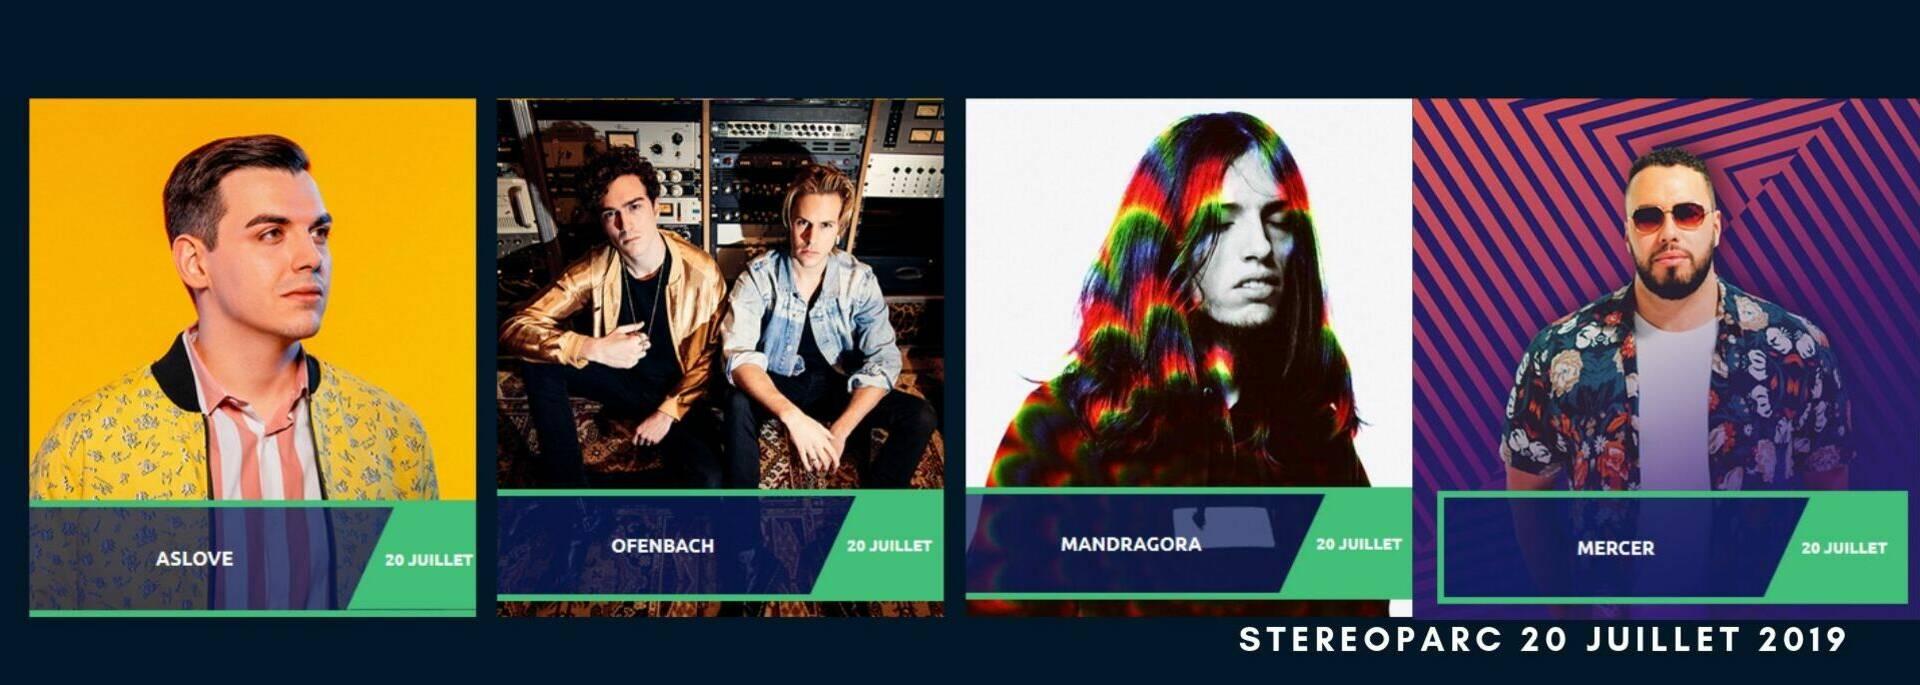 Programmation des DJ du 20 juillet à Rochefort pour Stereoparc festival